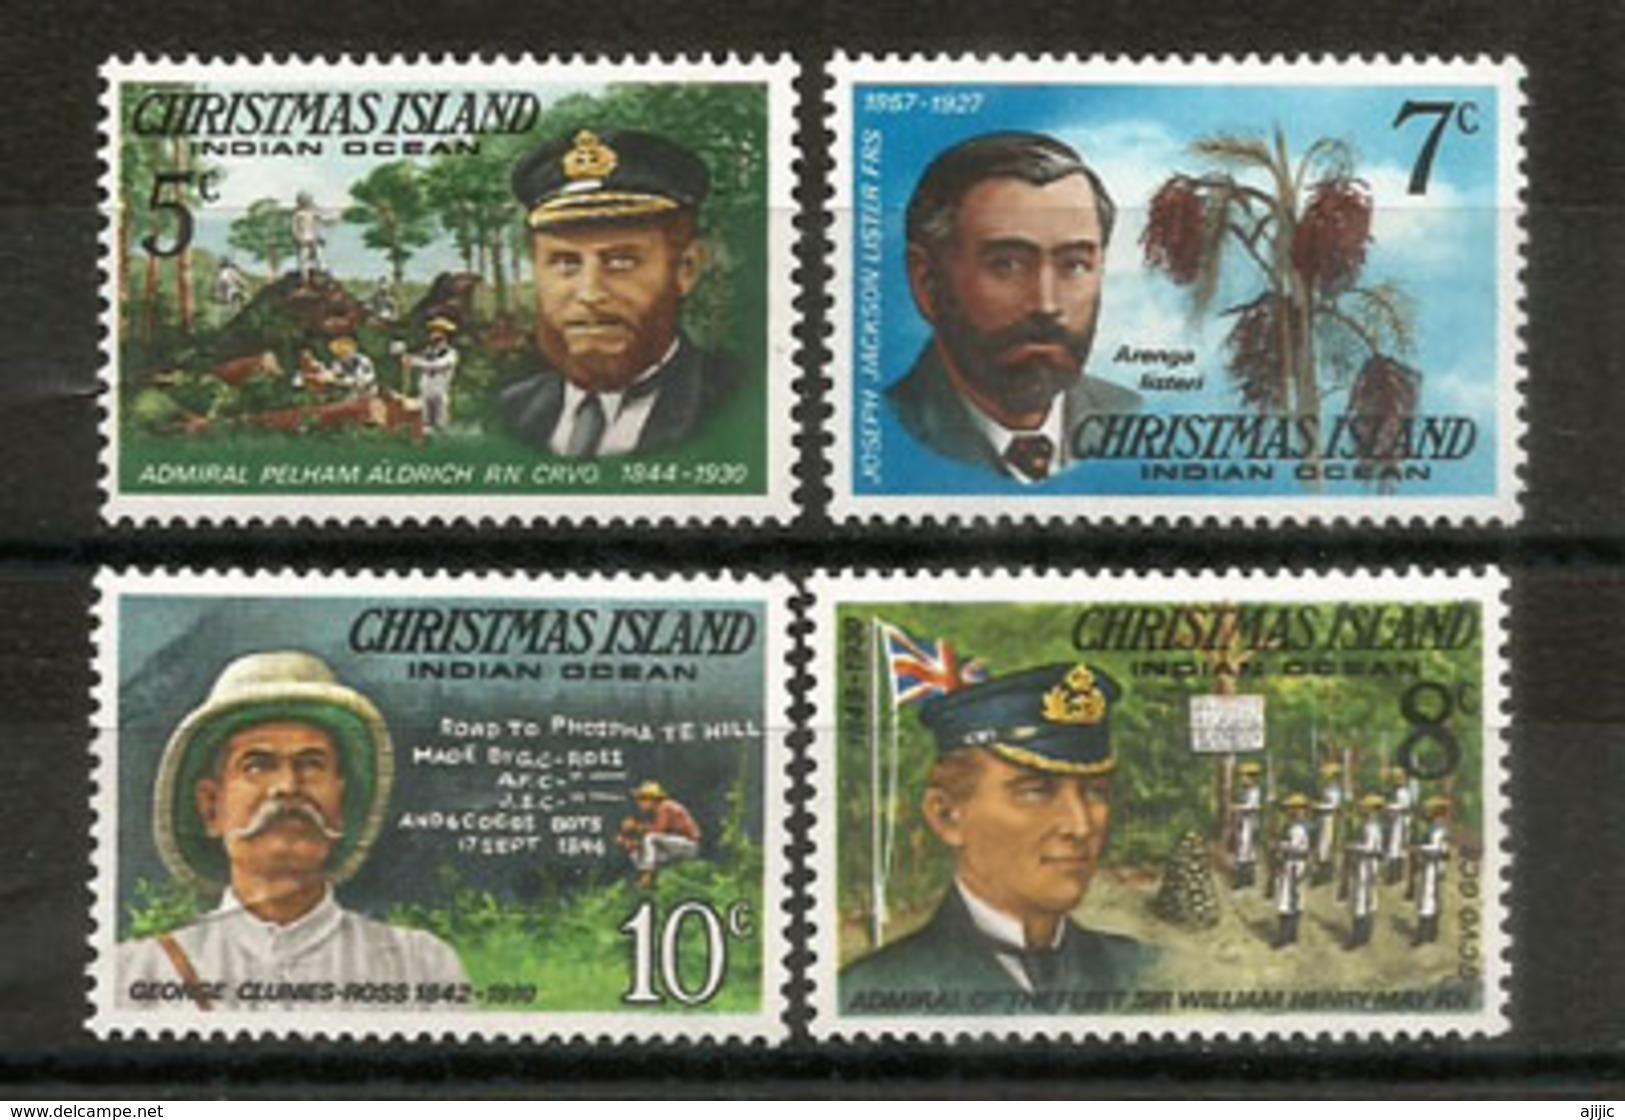 Explorateurs De L´ILE CHRISTMAS. Océan Indien: Clunies-Ross,Amiral Pelham Aldrich,etc  4 Timbres Neufs ** - Christmas Island